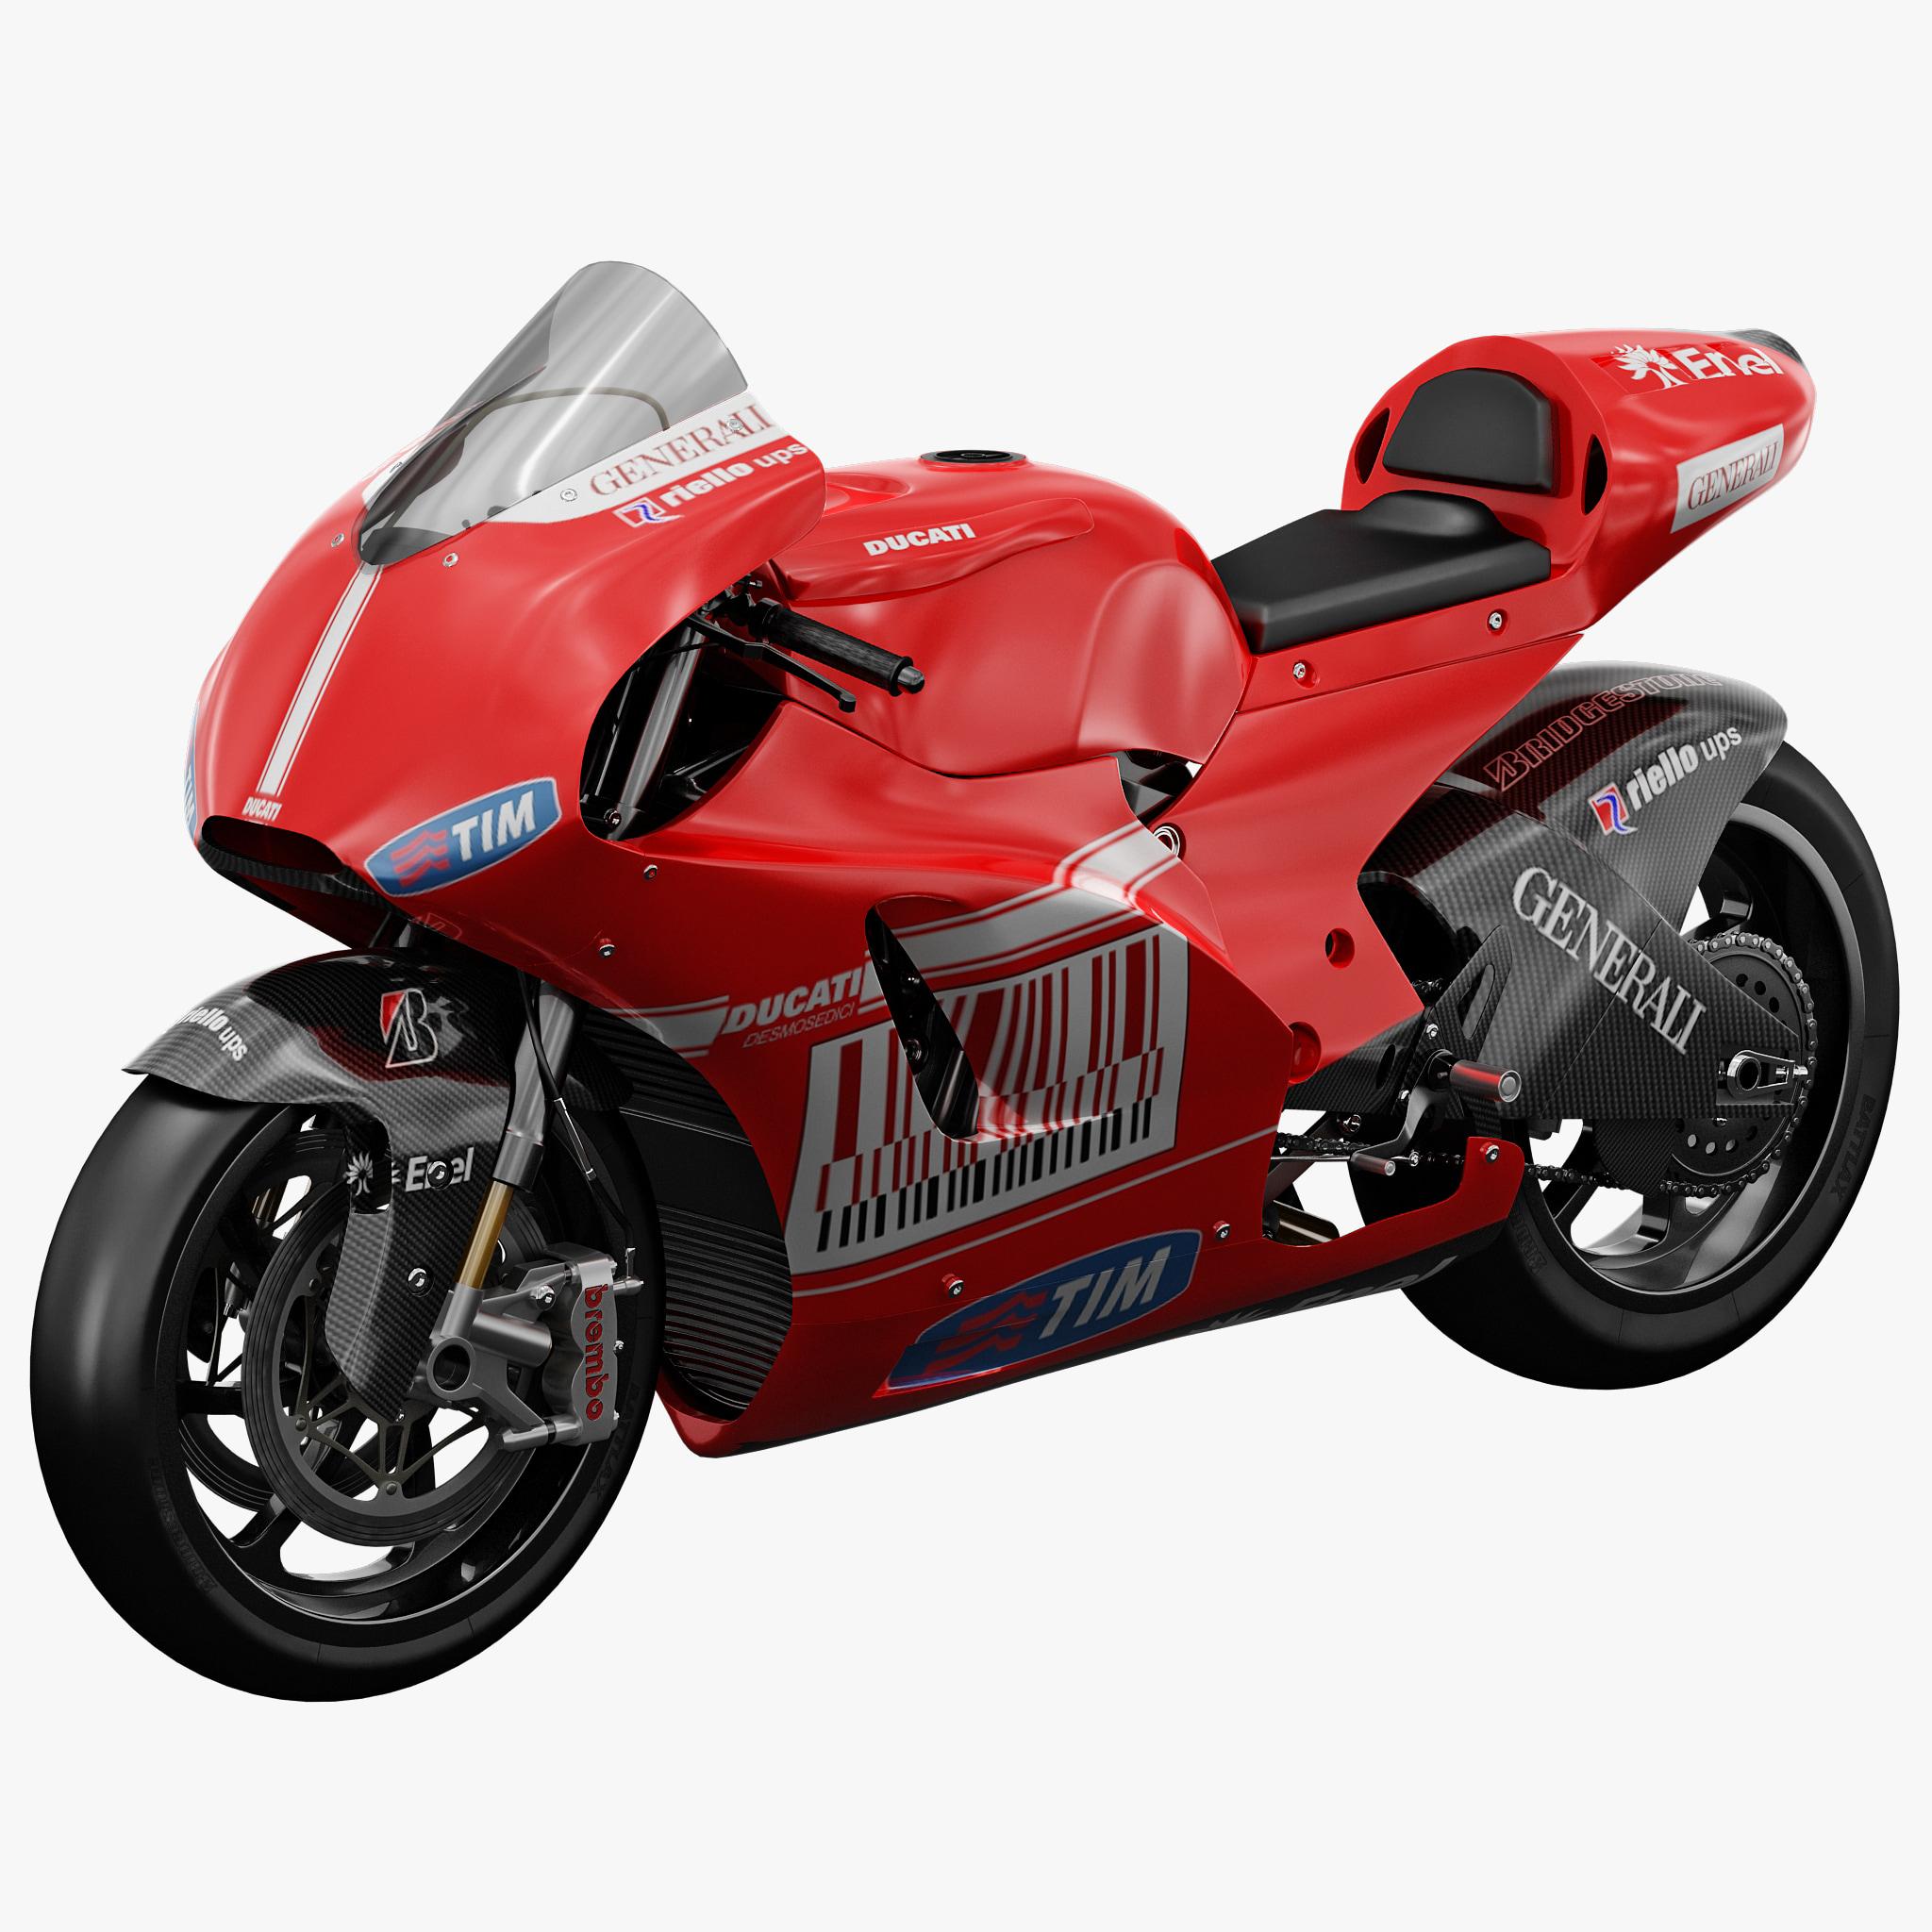 Race Bike Ducati GP10 2010_257.jpg